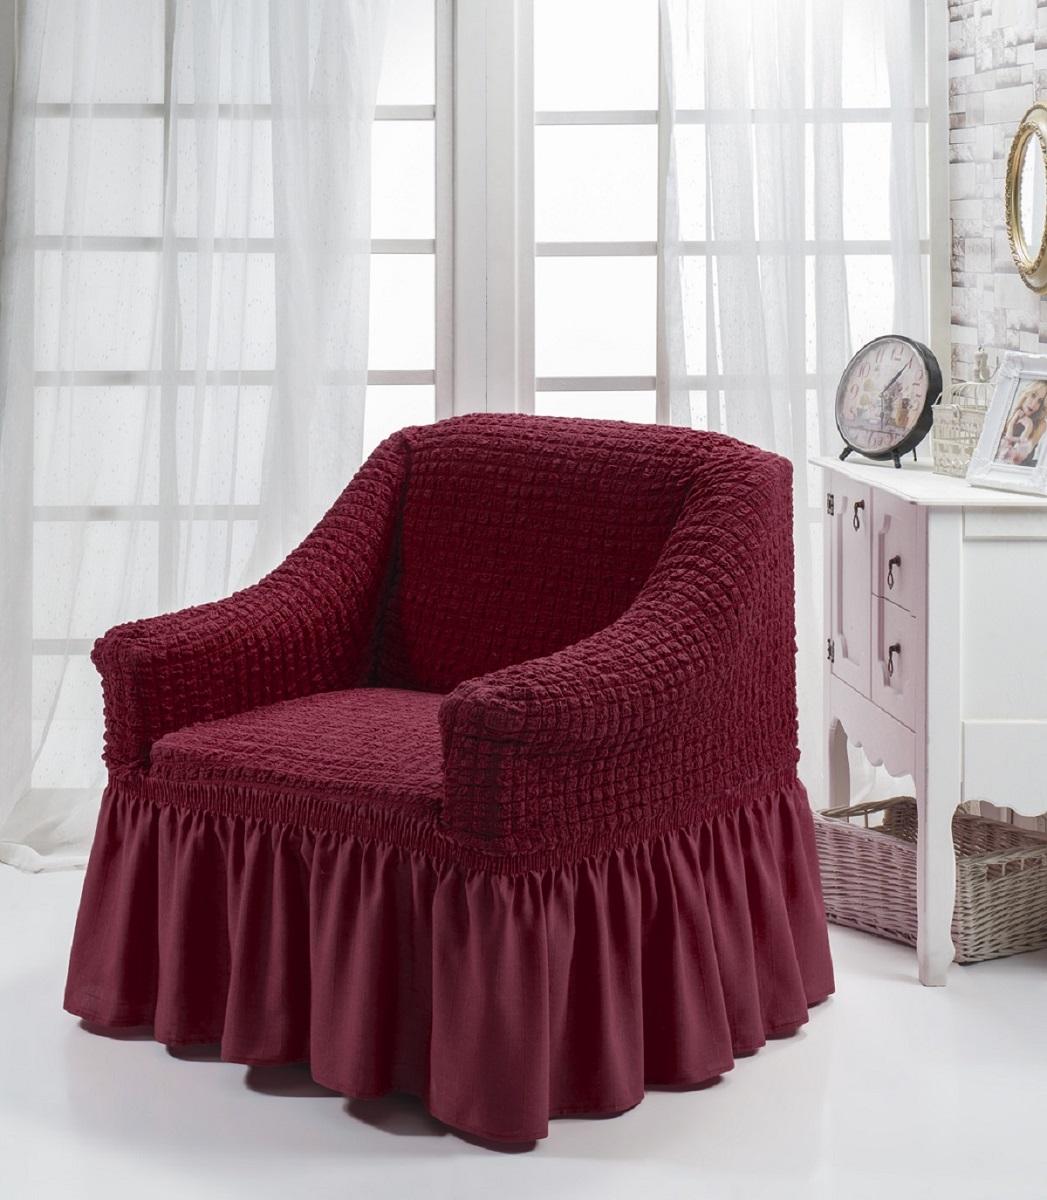 Чехол для кресла Burumcuk Bulsan, цвет: бордовый1797/CHAR002Чехол на кресло Burumcuk Bulsan выполнен из высококачественного полиэстера и хлопка с красивым рельефом. Предназначен для кресла стандартного размера со спинкой высотой в 140 см. Такой чехол изысканно дополнит интерьер вашего дома. Изделие прорезинено со всех сторон и оснащено закрывающей оборкой. Ширина и глубина посадочного места: 70-80 см. Высота спинки от сиденья: 70-80 см. Высота подлокотников: 35-45 см. Ширина подлокотников: 25-35 см. Длина оборки: 35 см.